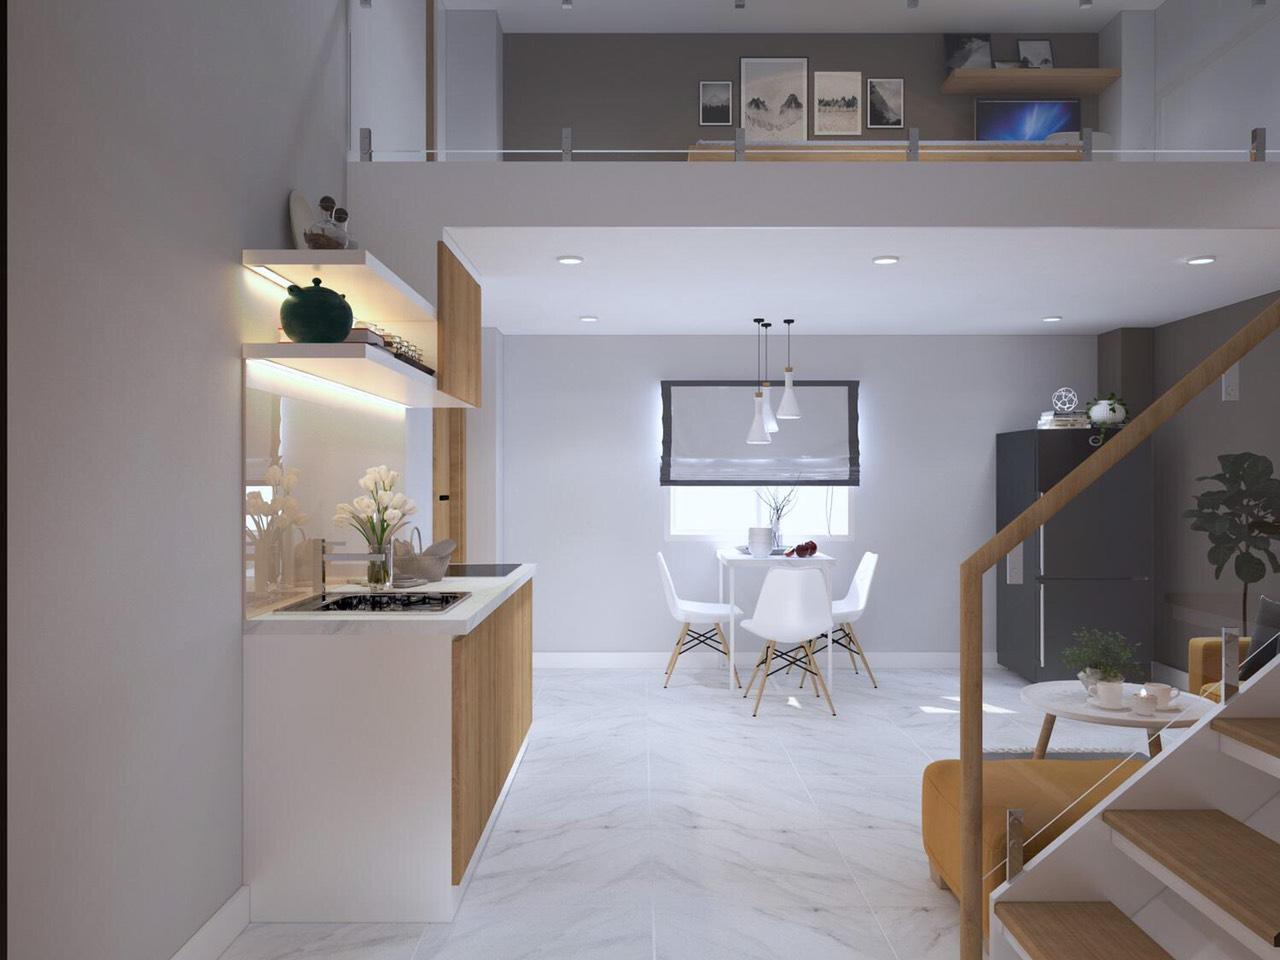 Thiết kế của các căn hộ mang đến sự thông minh và tiện ích